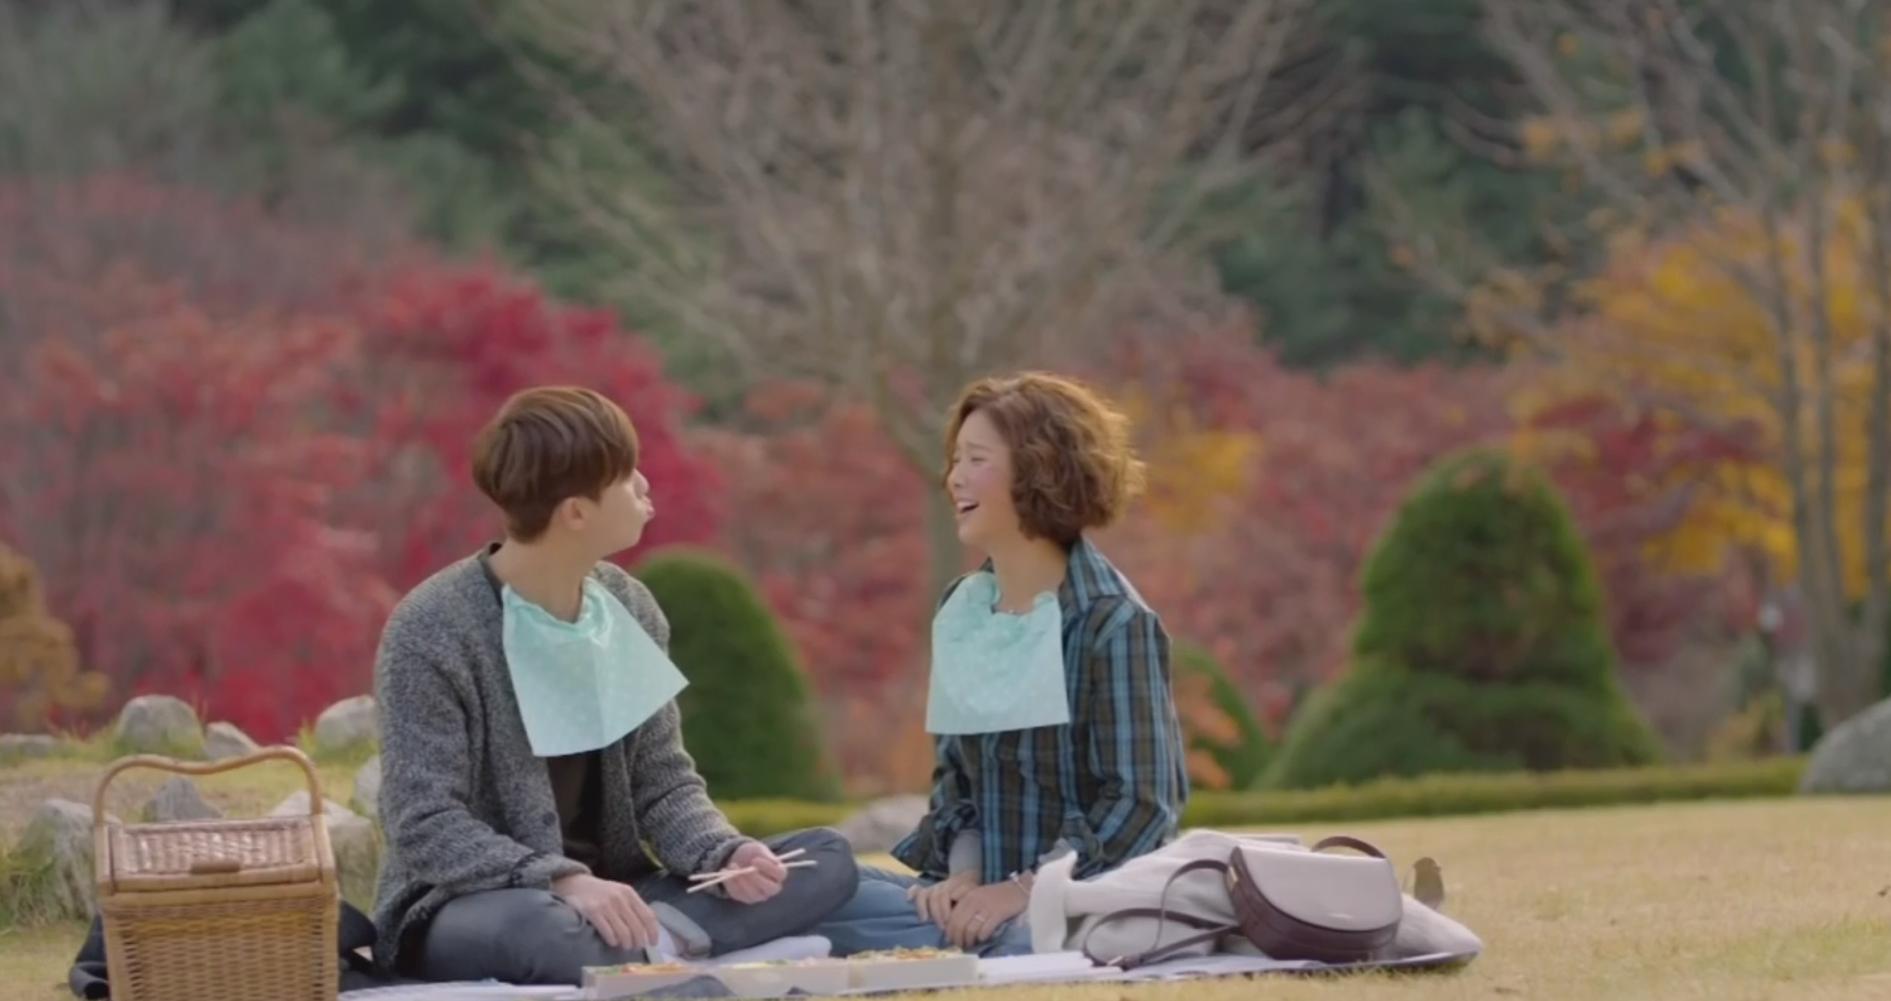 Hình ảnh lãng mạn cùng ngồi ăn picnic với nhau